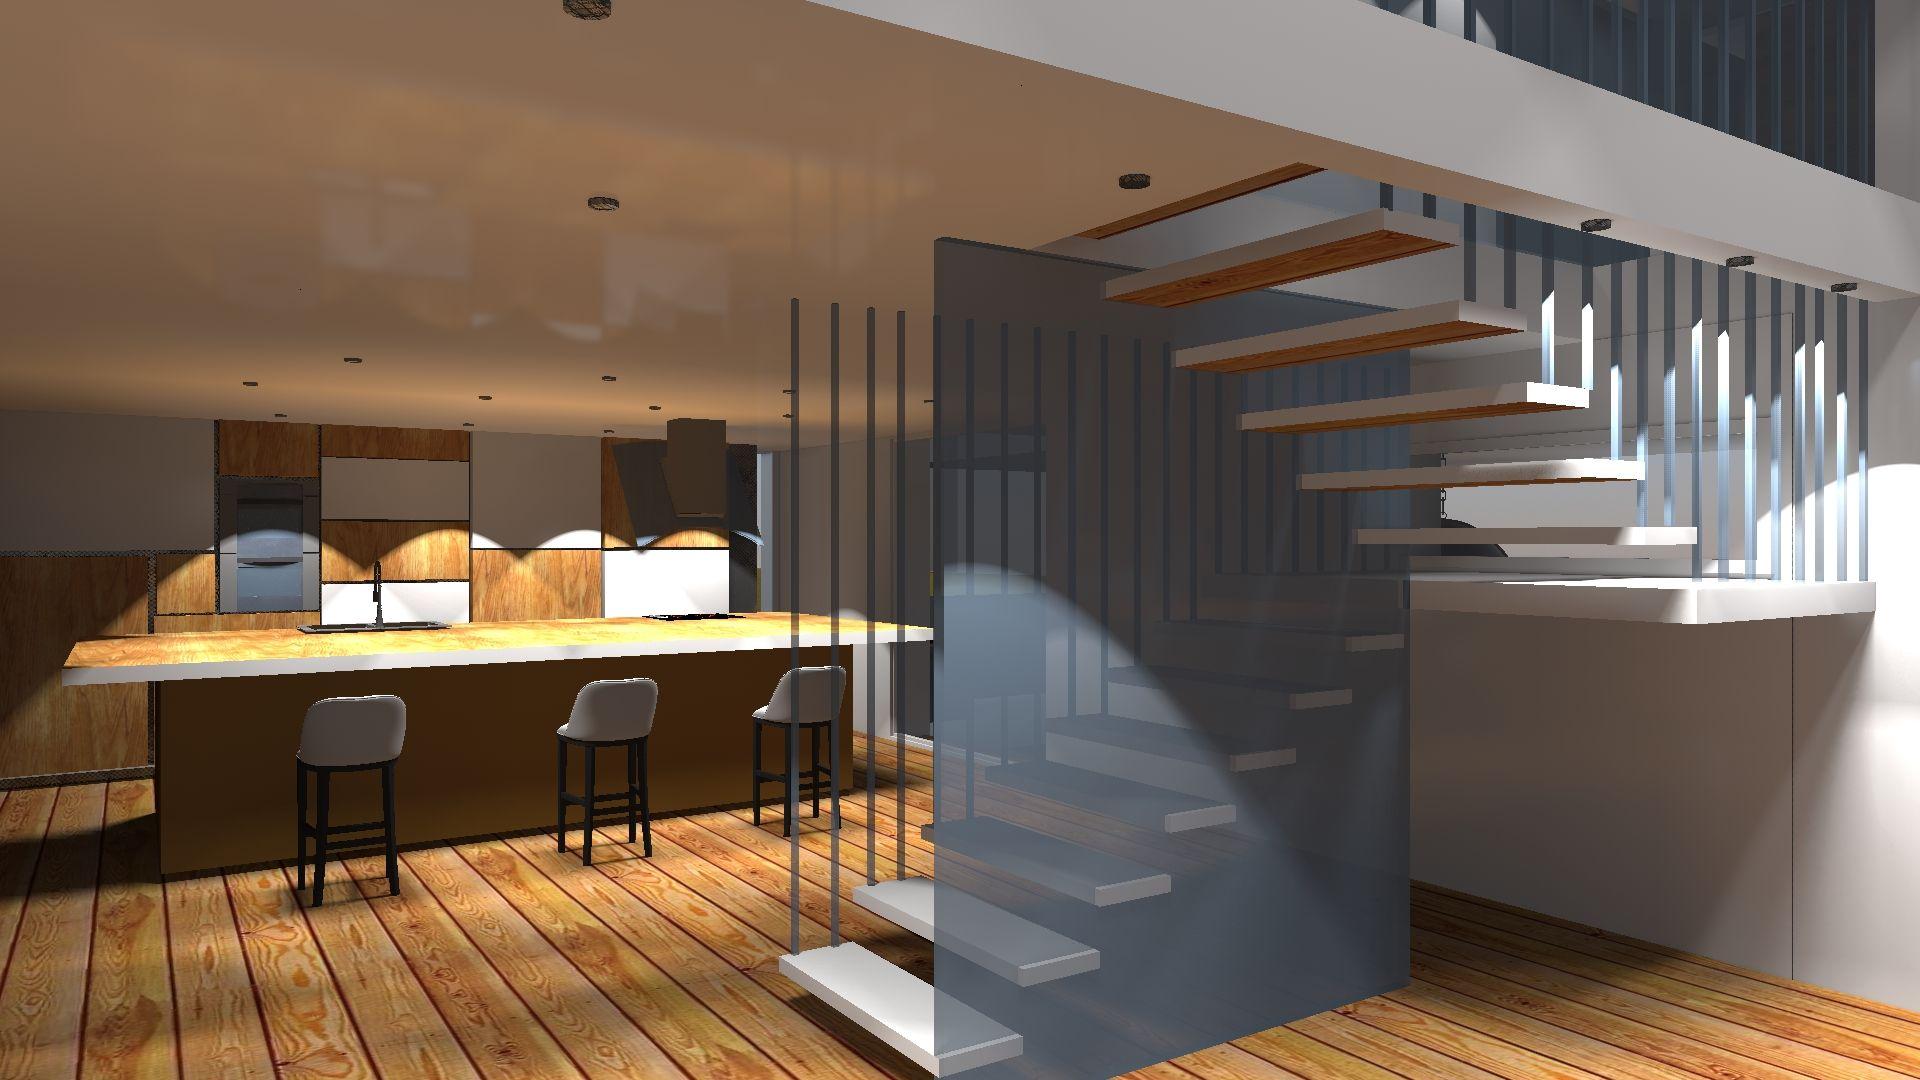 Projekt Domu Jednorodzinnego Kuchnia Oraz Klatka Schodowa